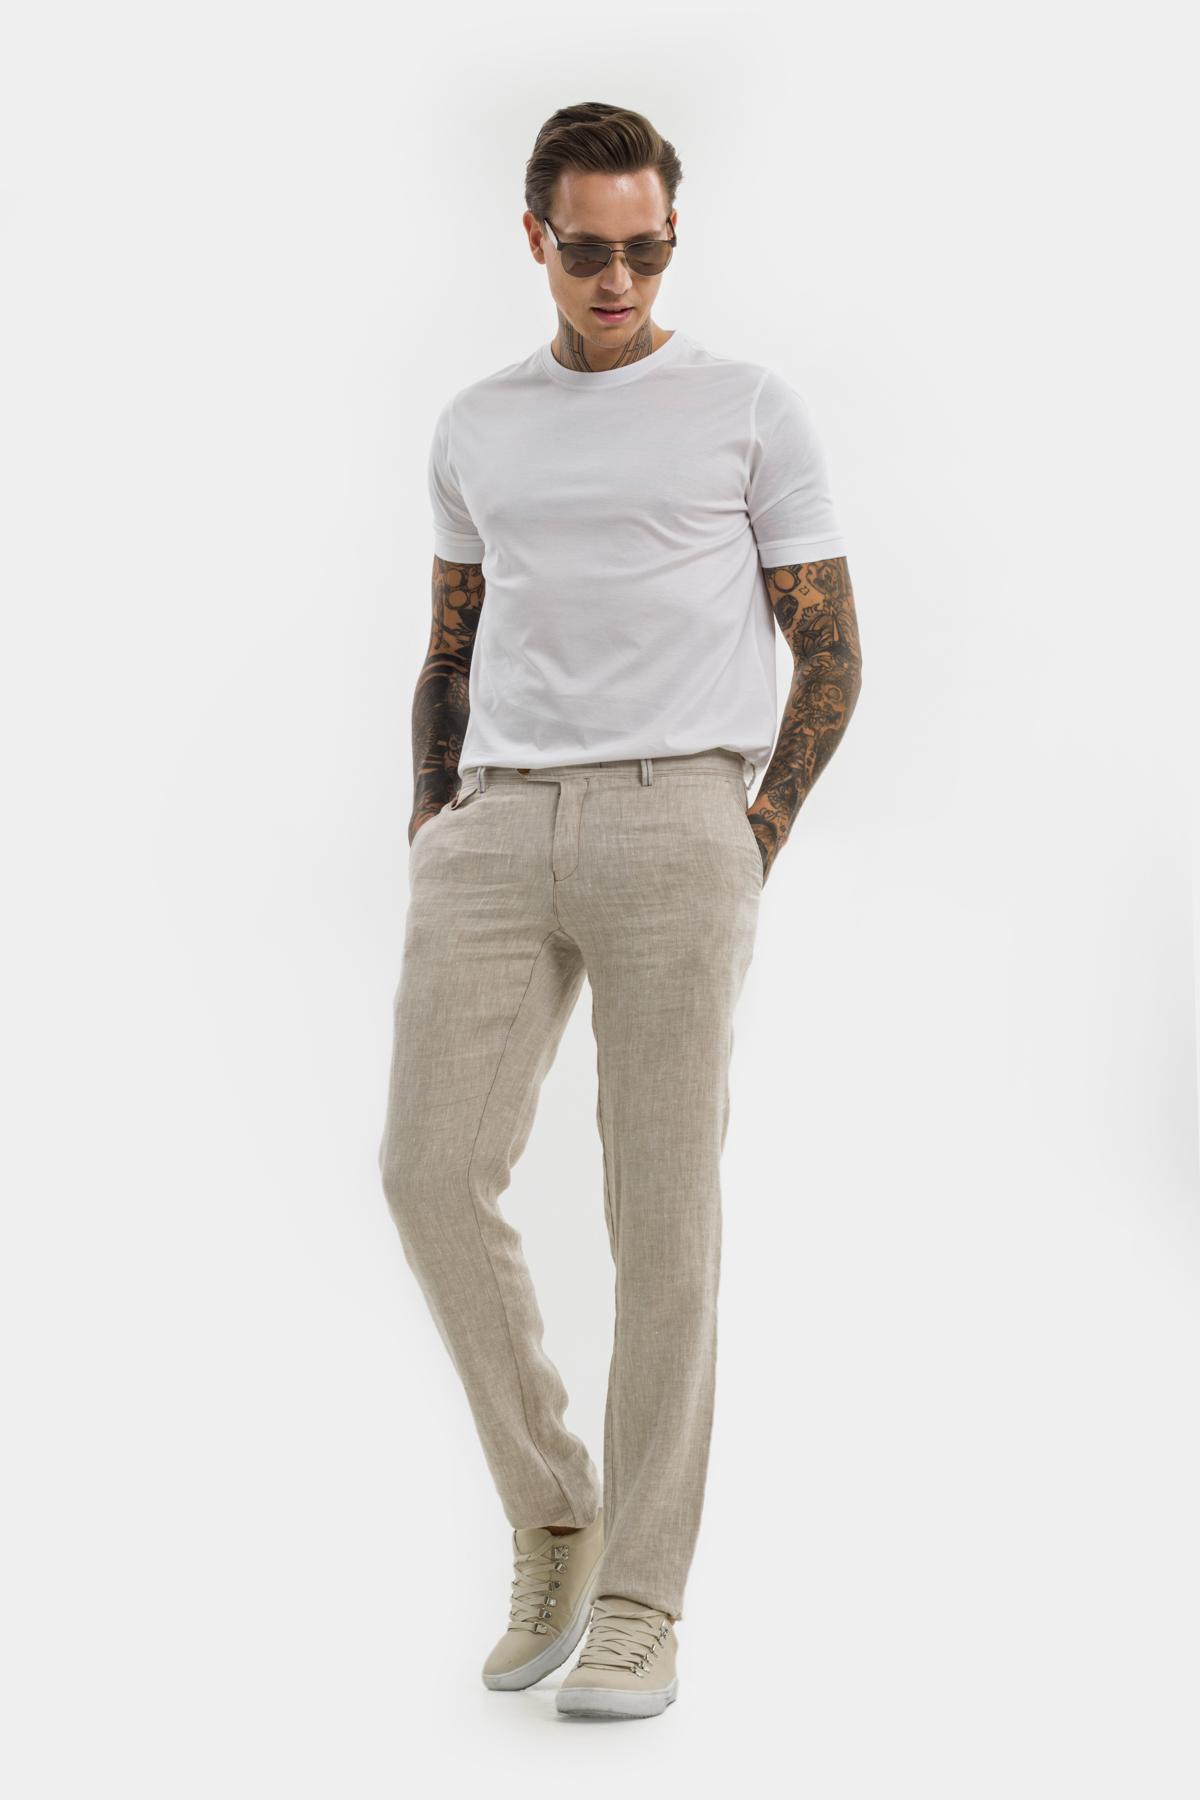 Зауженные брюки «chinos»,  изо льна.  Vaismann  21508